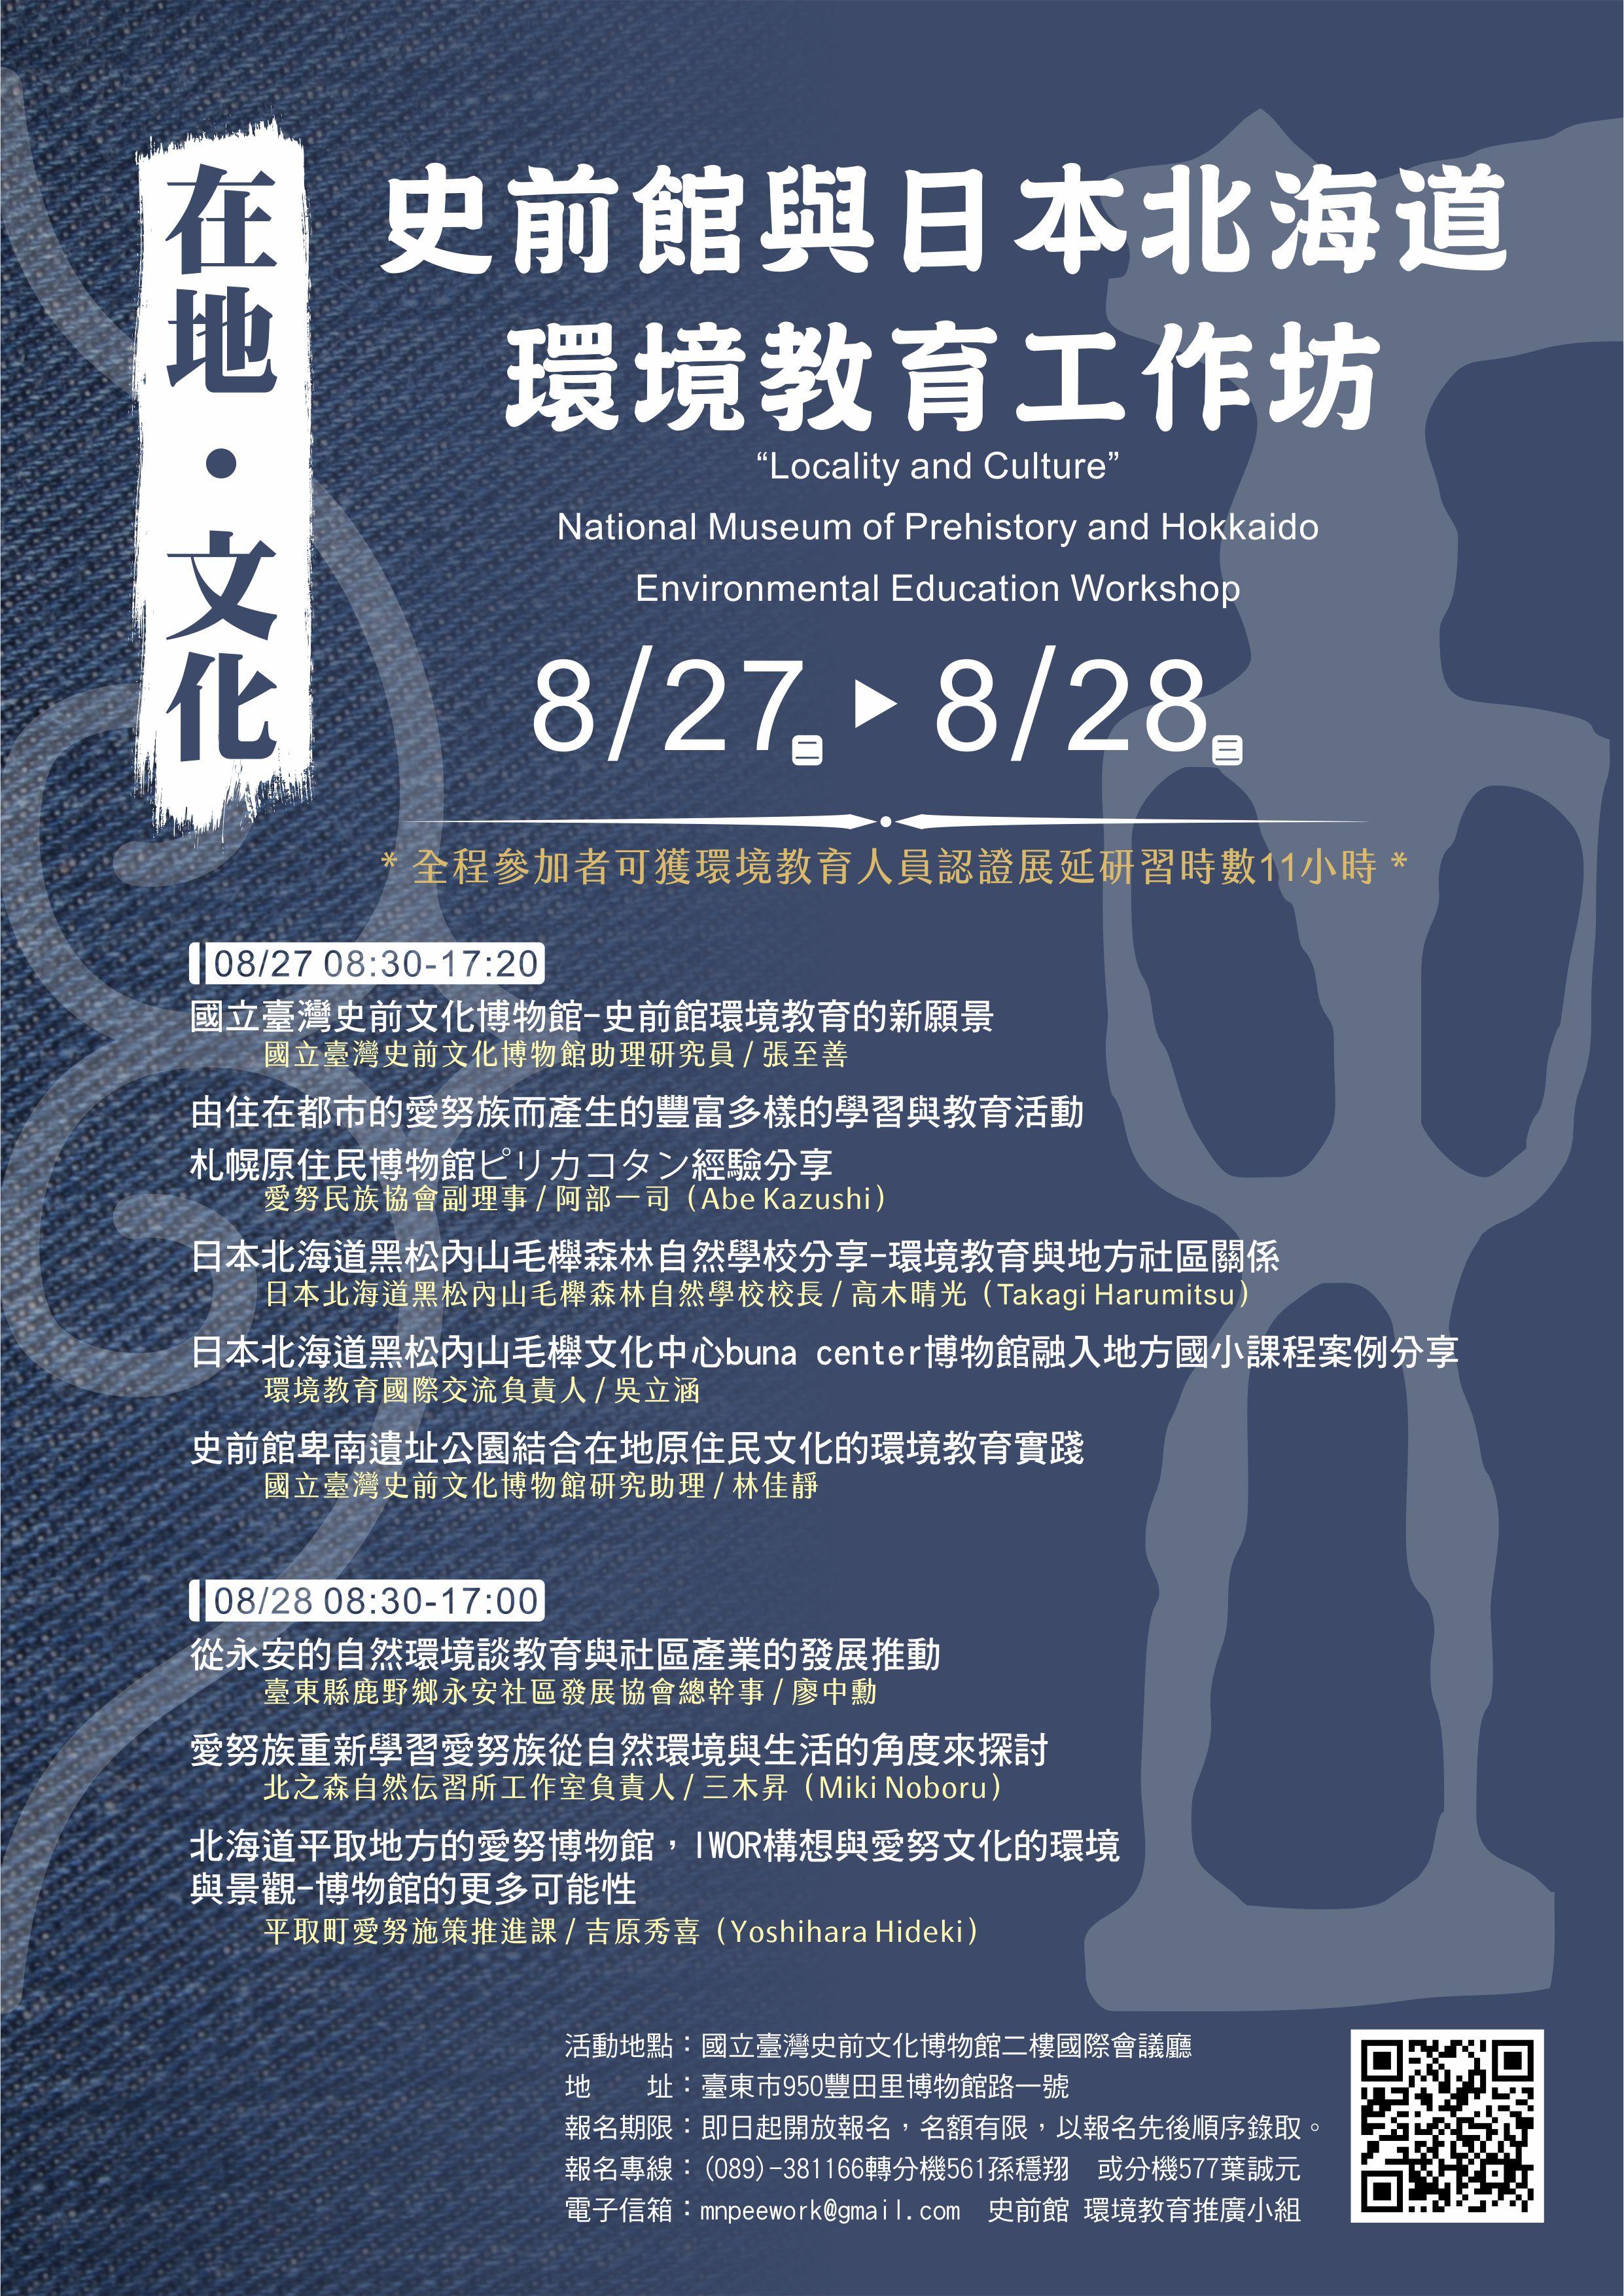 「在地‧文化」史前館與日本北海道環境教育工作坊